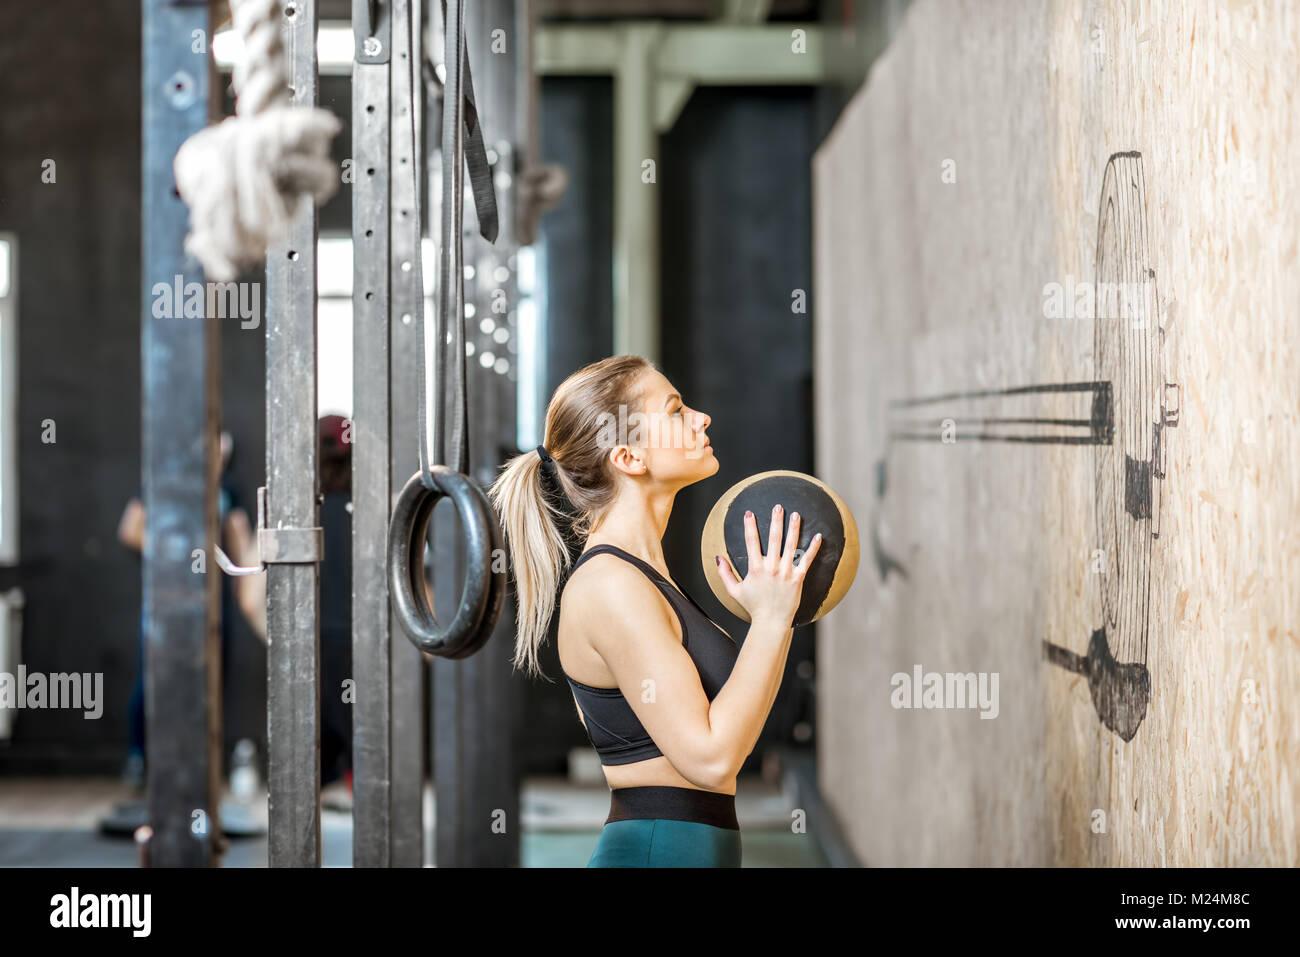 Femme avec ballon d'entraînement dans la salle de sport Photo Stock